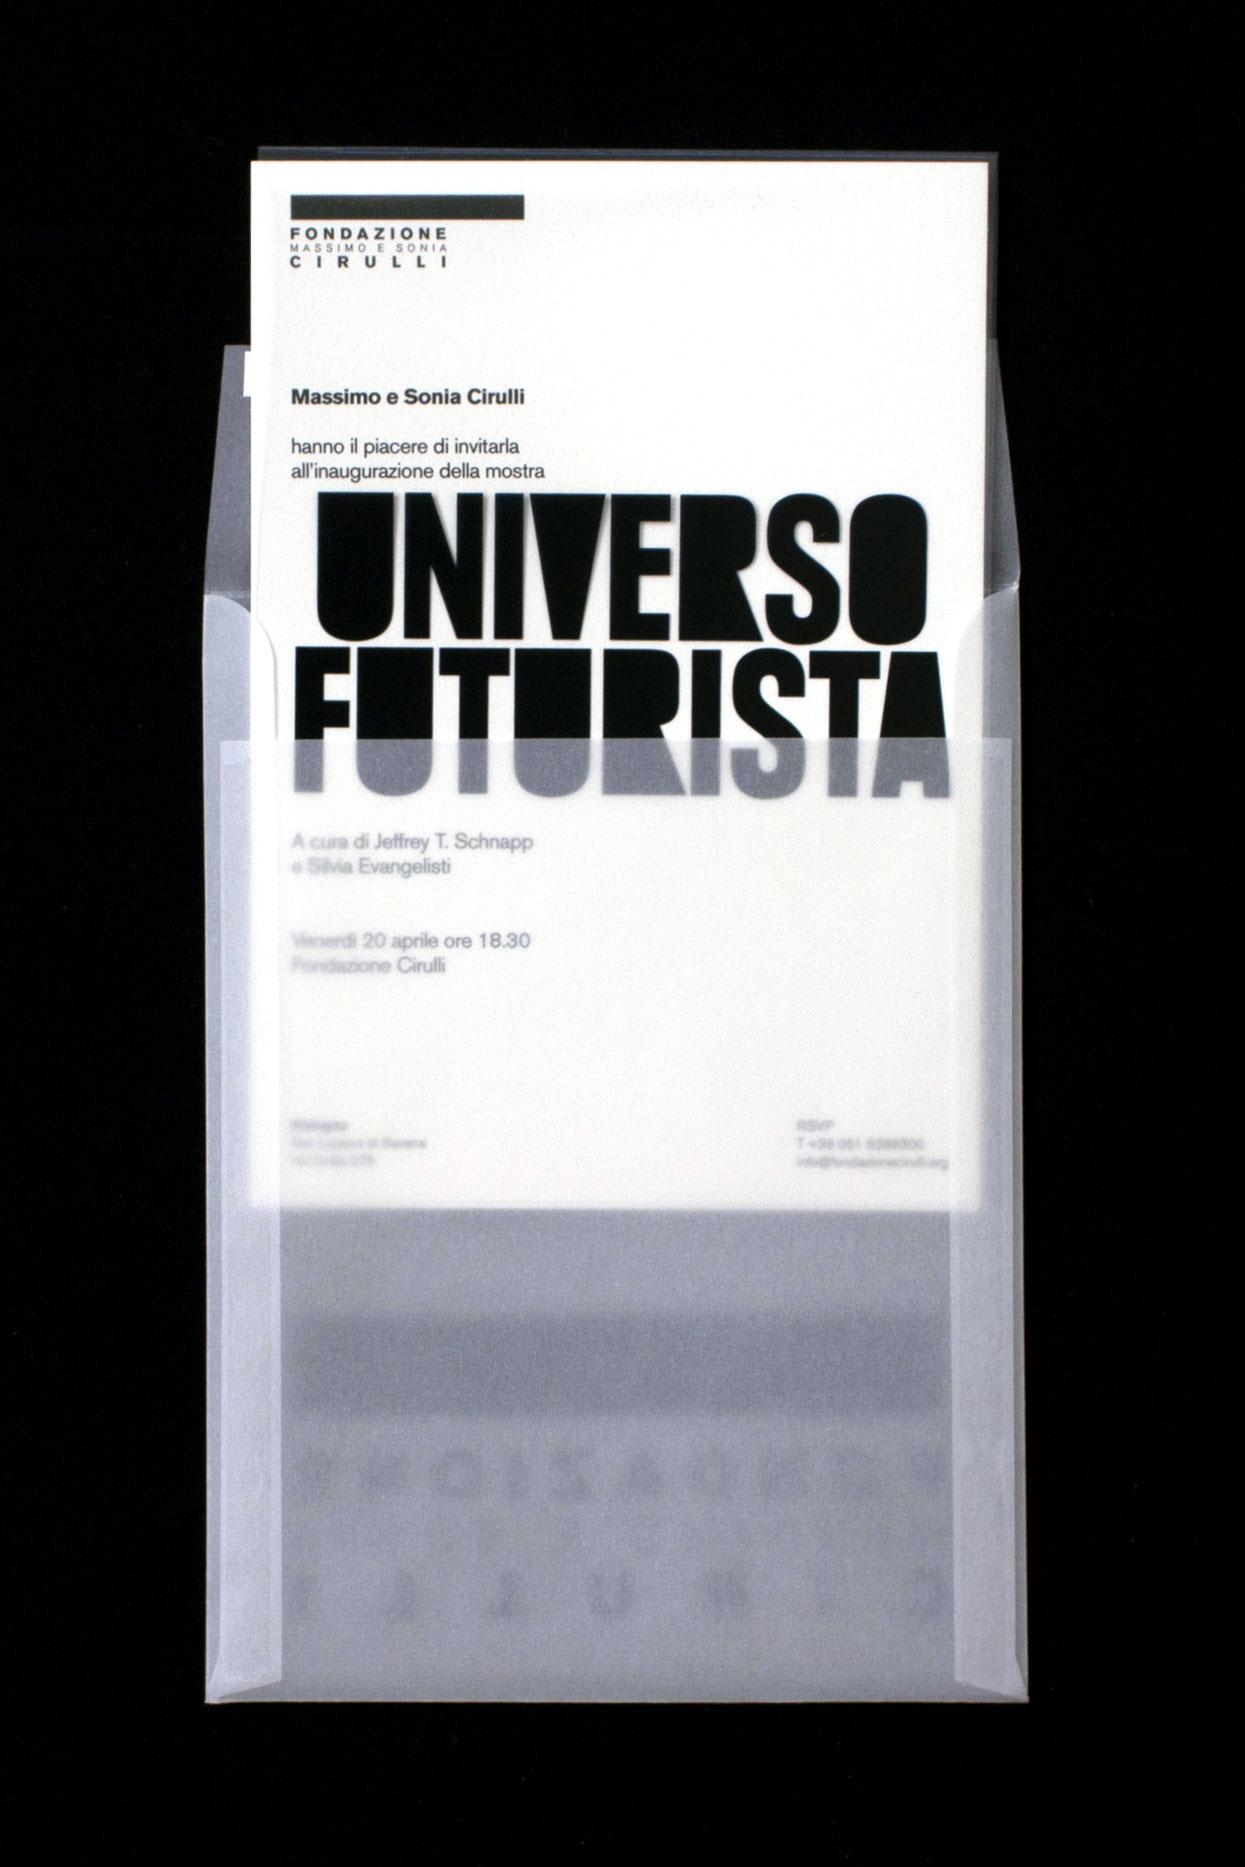 invito_universo_futurista_02